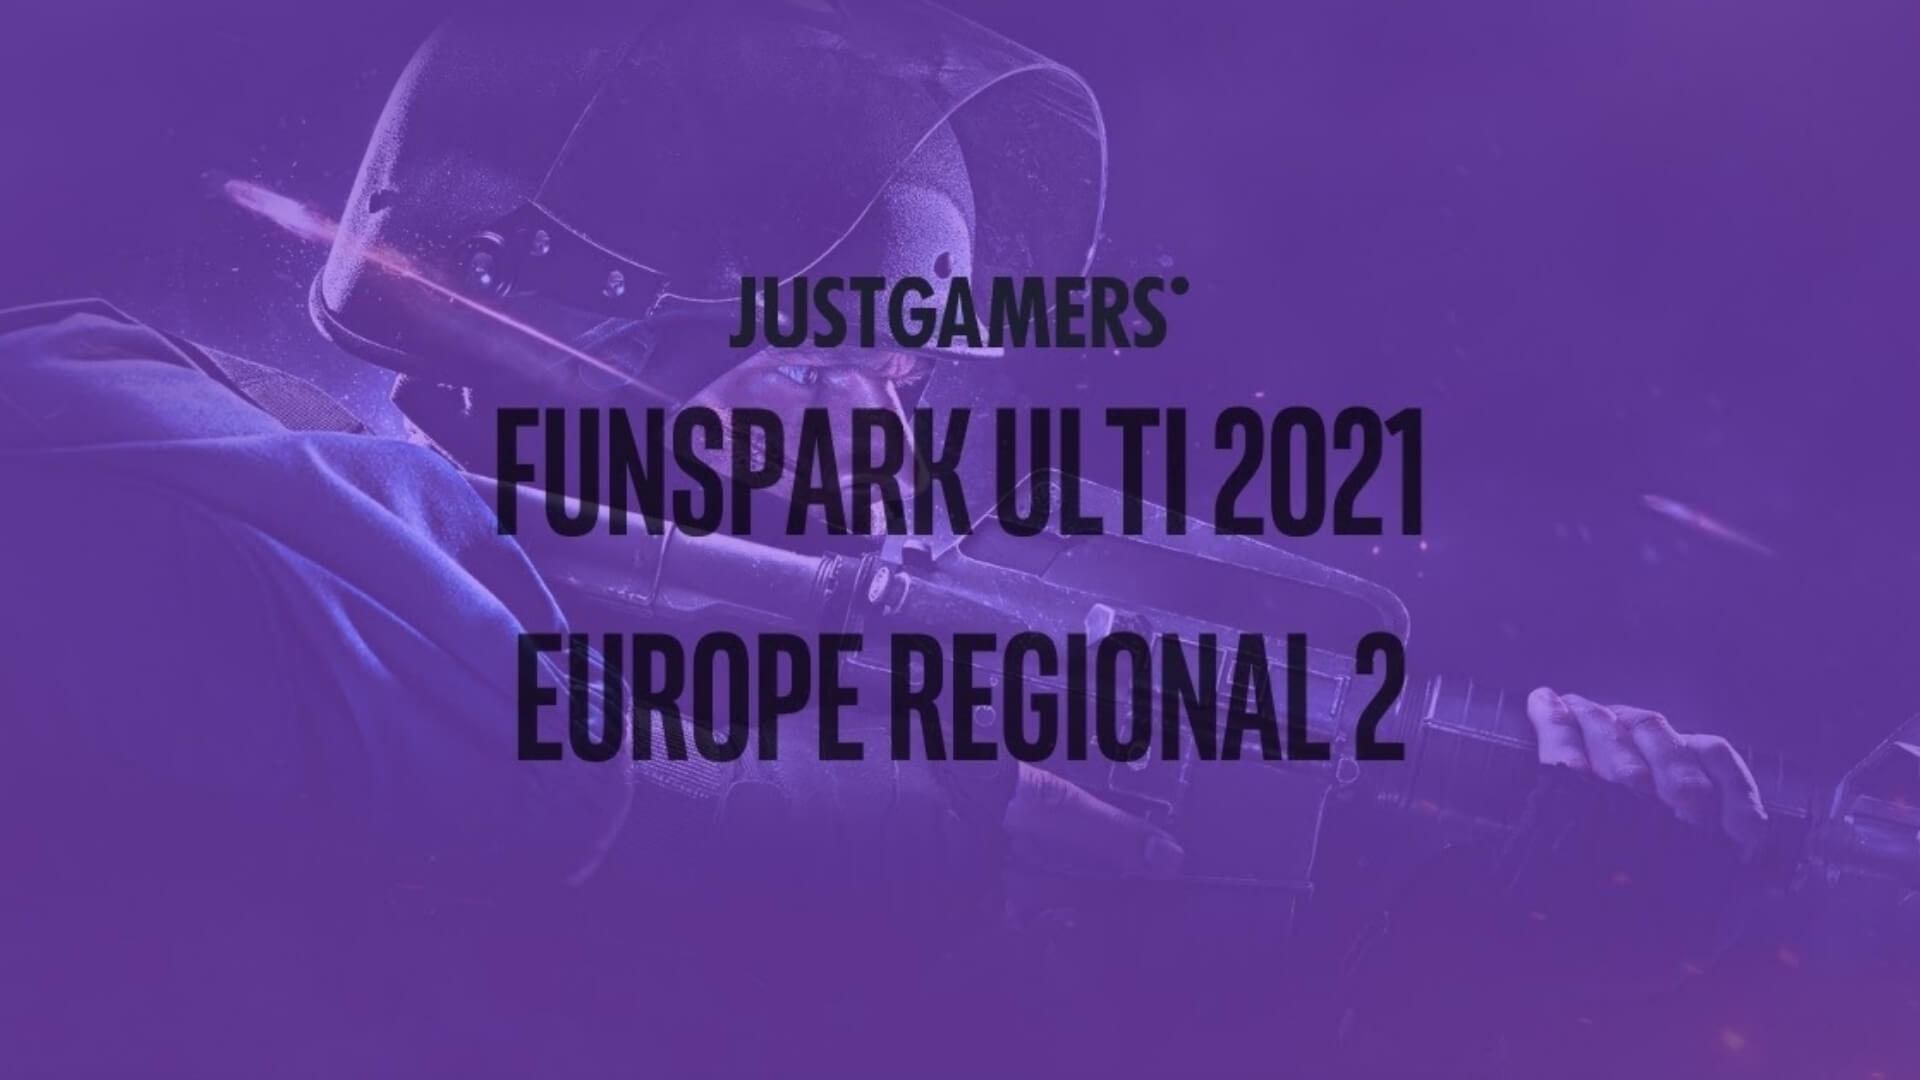 funspark-ulti-2021